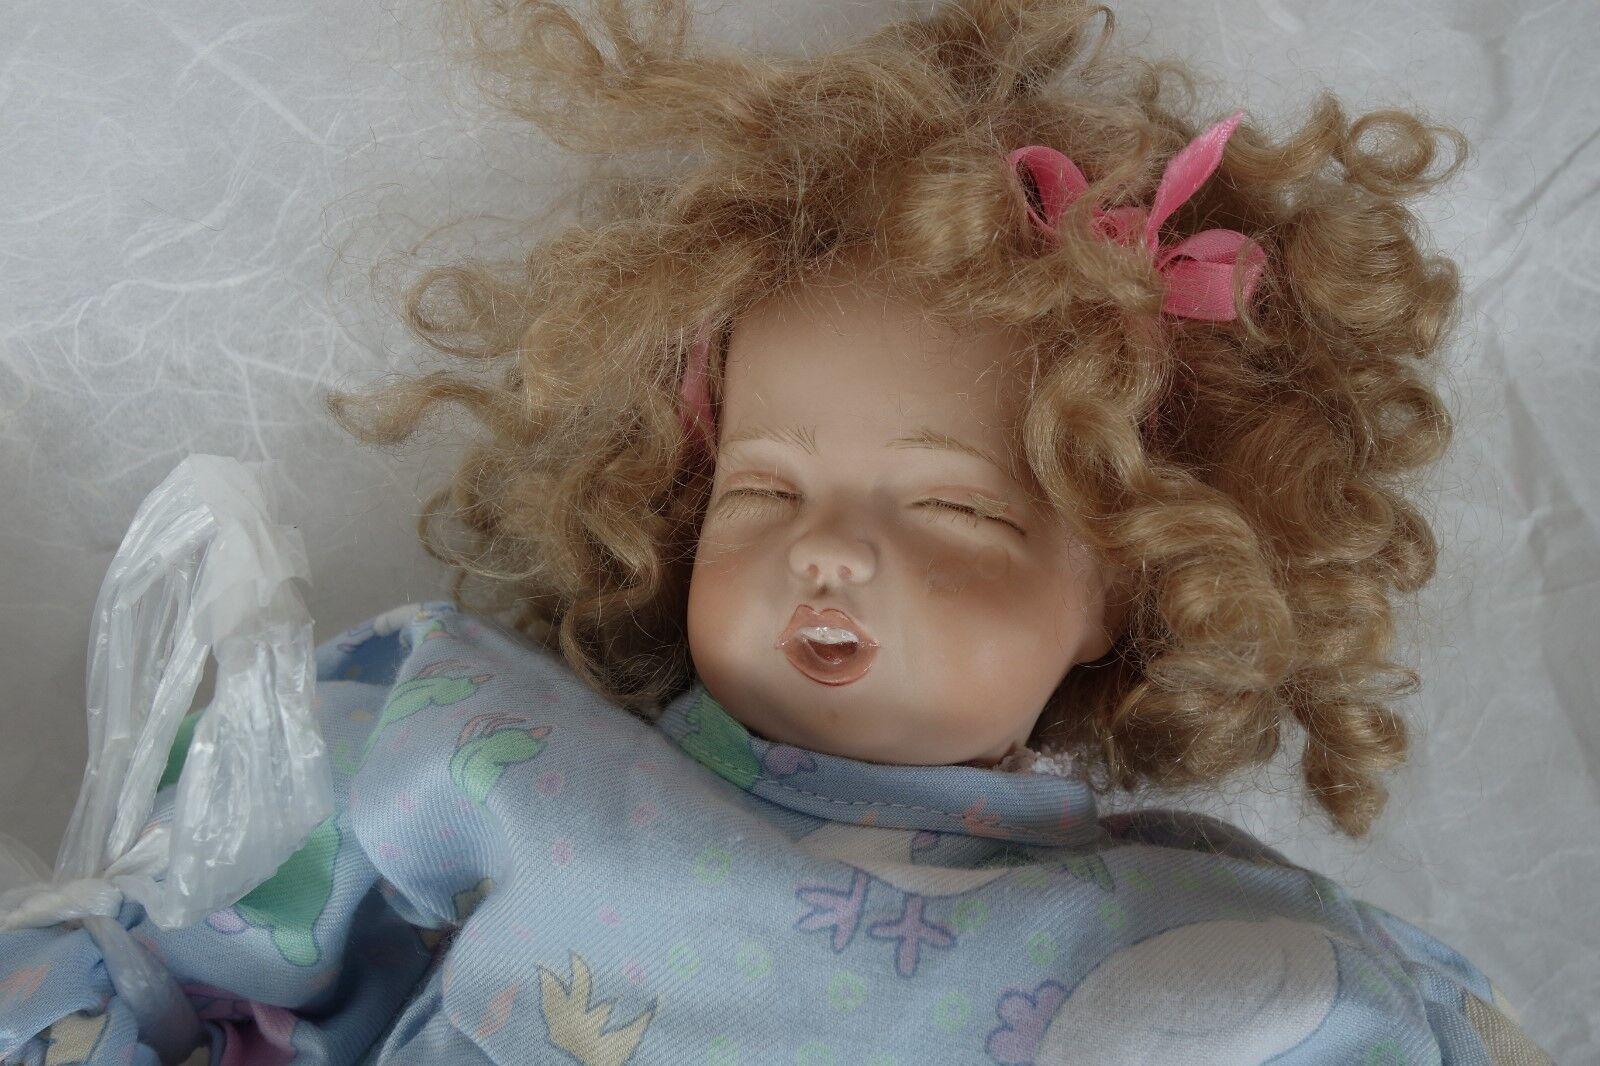 BAMBOLA 37 cm bambola di porcellana sonno  BAMBOLA artisti BAMBOLA vestiti raccogliere Decorazione  vendita calda